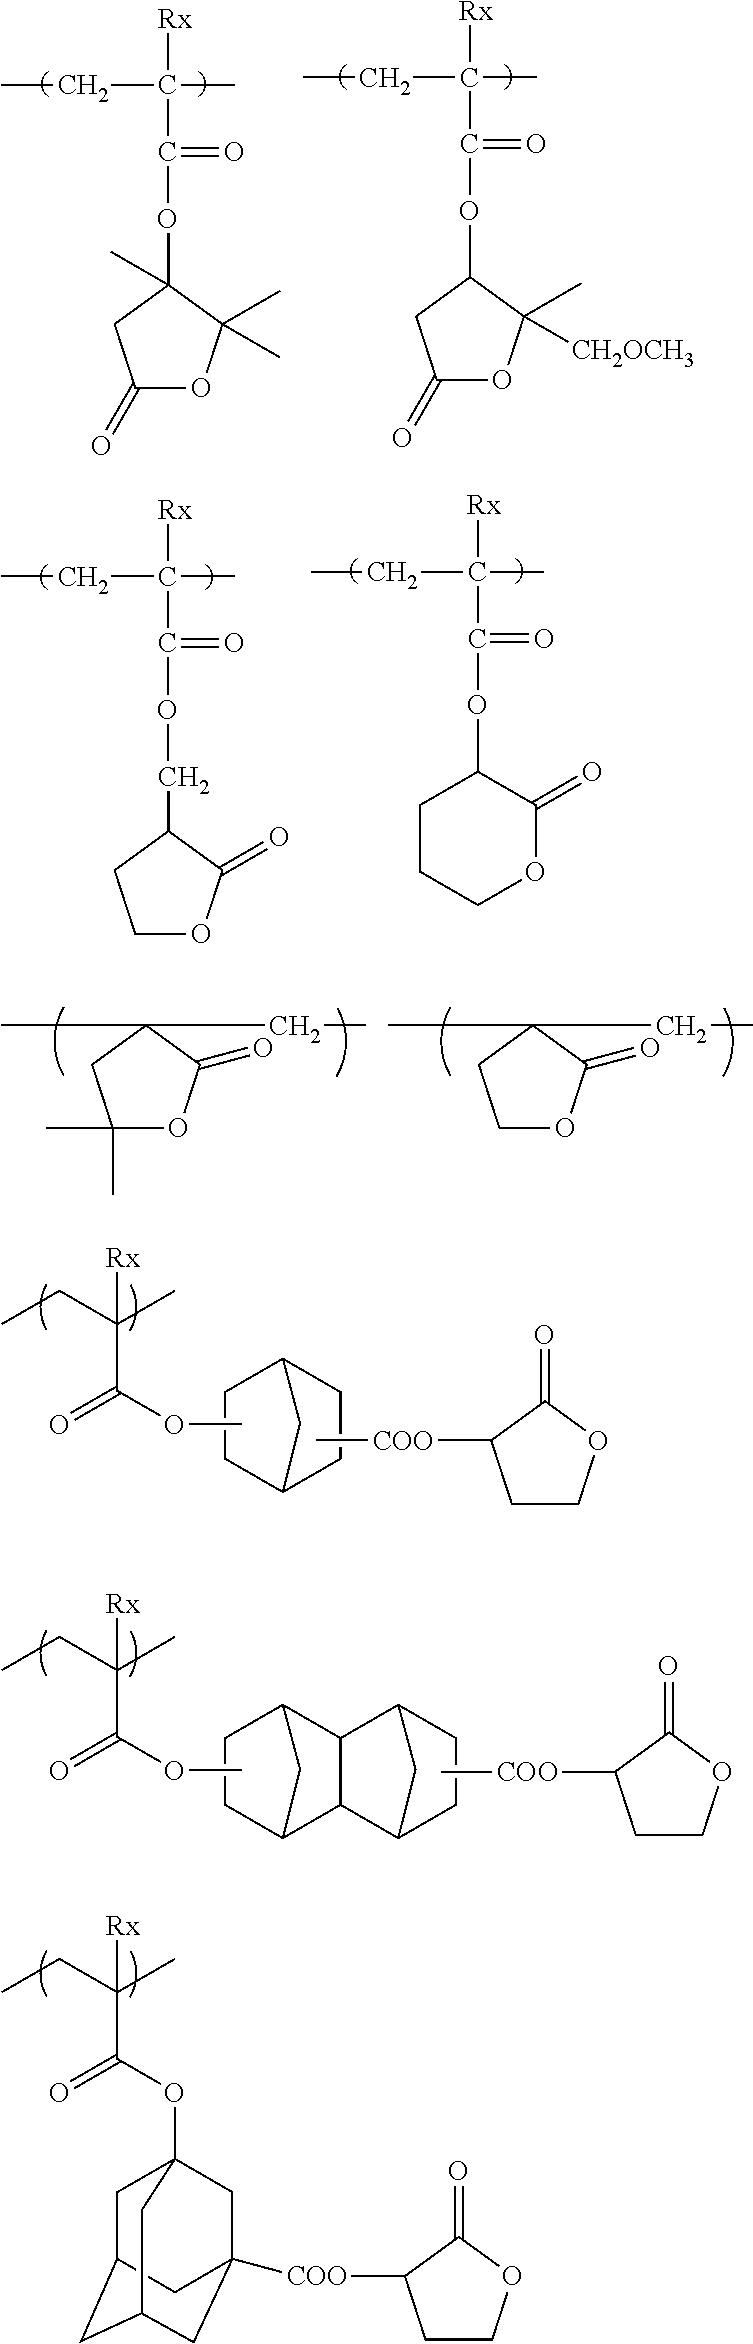 Figure US20110183258A1-20110728-C00044